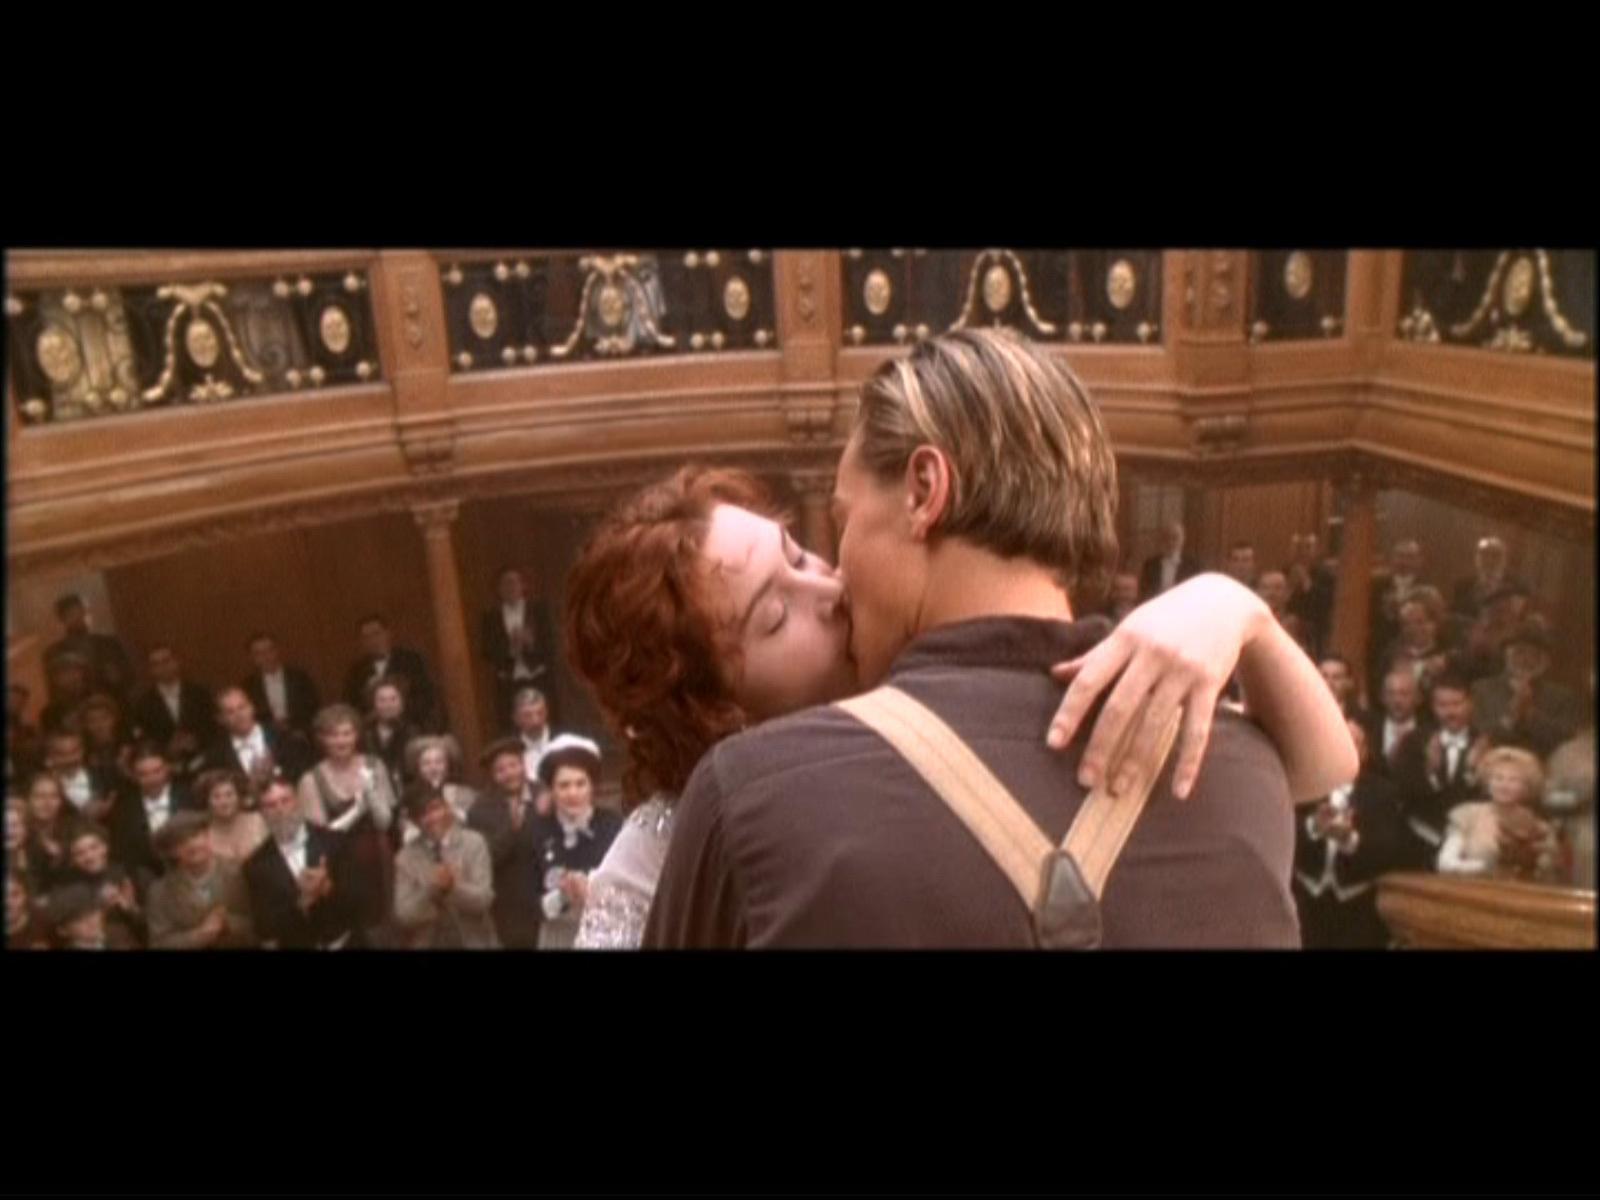 http://4.bp.blogspot.com/-ctP89vRdRgc/TdubkJ7wGBI/AAAAAAAAAoc/X0sAzpuECsk/s1600/Titanic-hd-wallpaper.jpg